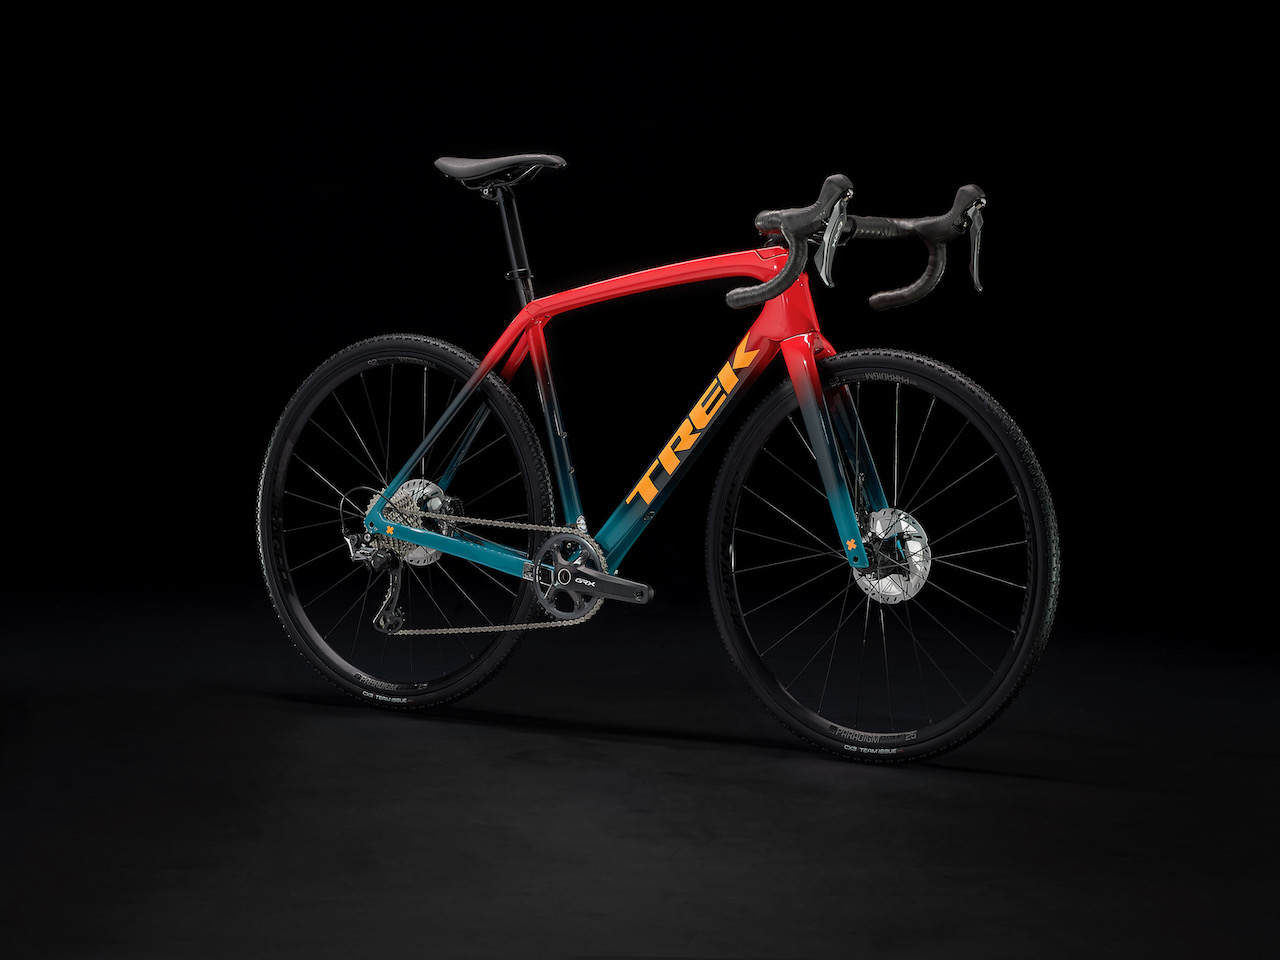 Trek Boone 2022 Red full bike